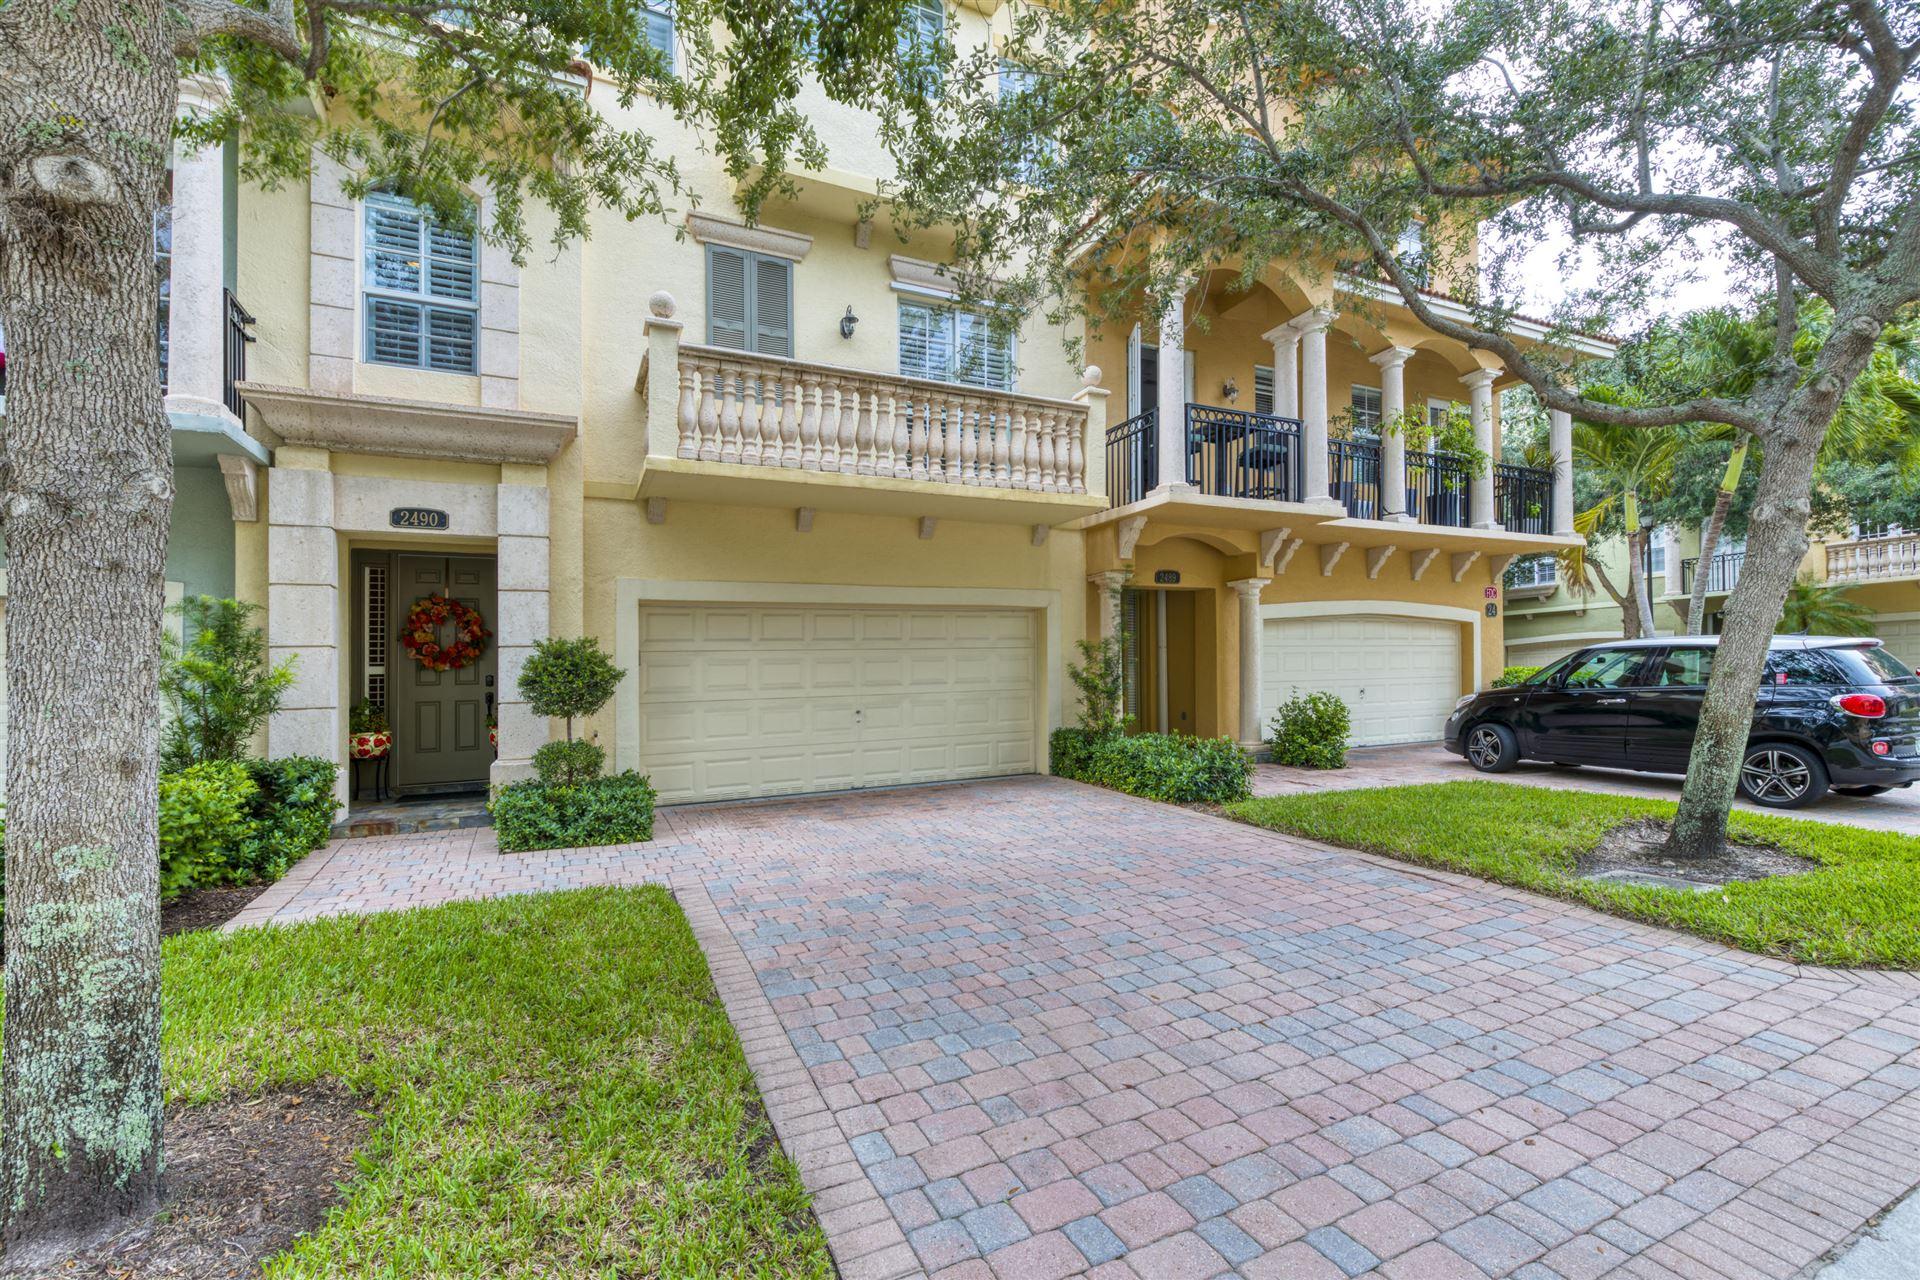 2490 San Pietro Circle, Palm Beach Gardens, FL 33410 - #: RX-10628282